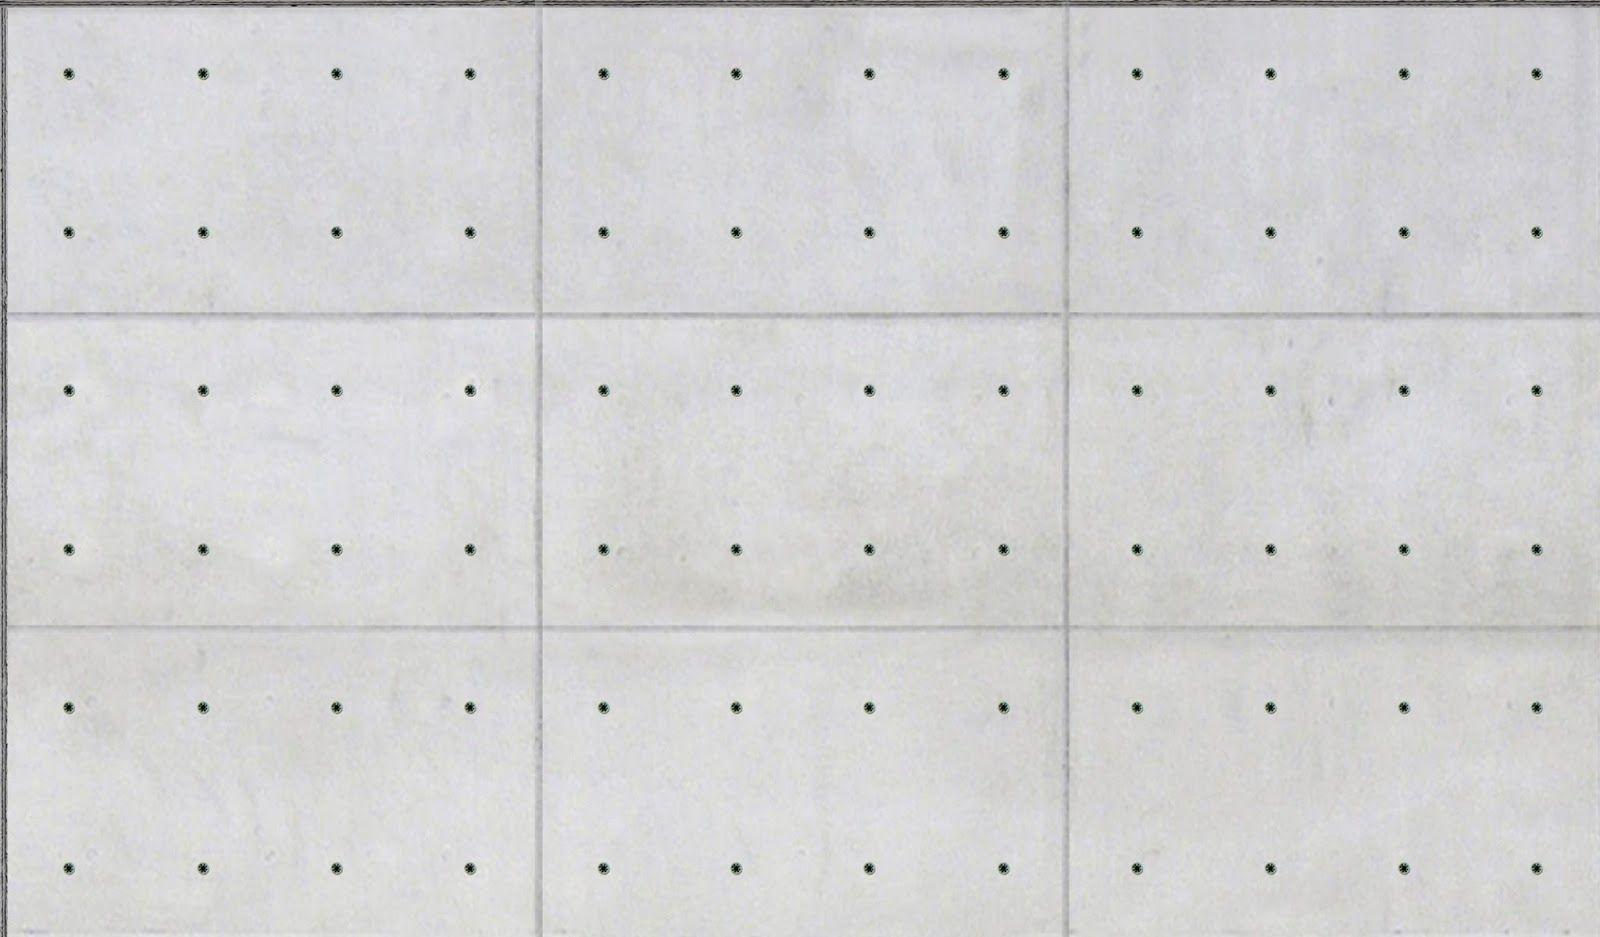 Concrete Wall Tileable Texture Concrete Floor Texture Concrete Seamless Texture Concrete Photoshop Patt Concrete Floor Texture Floor Texture Concrete Texture